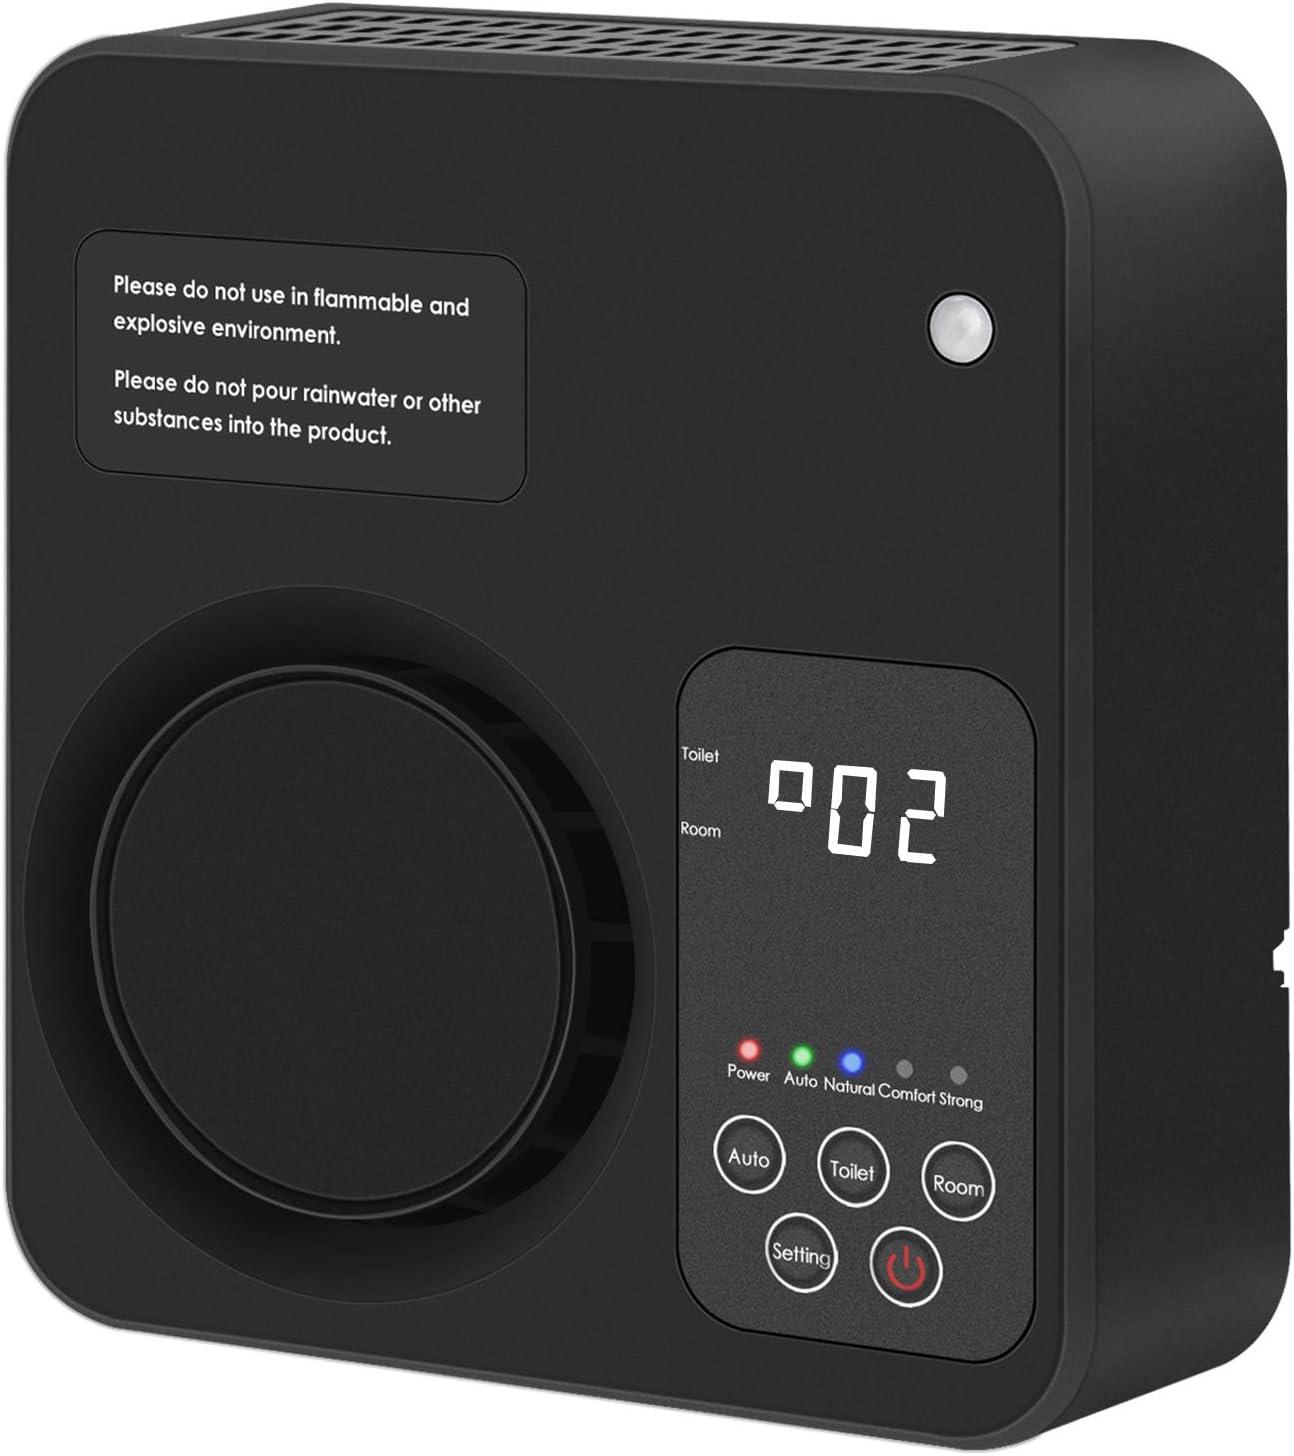 Generador de ozono Ionizador Purificador de aire Eliminador de olores domésticos Desodorante para dormitorio Sala de estar Aseo Oficina